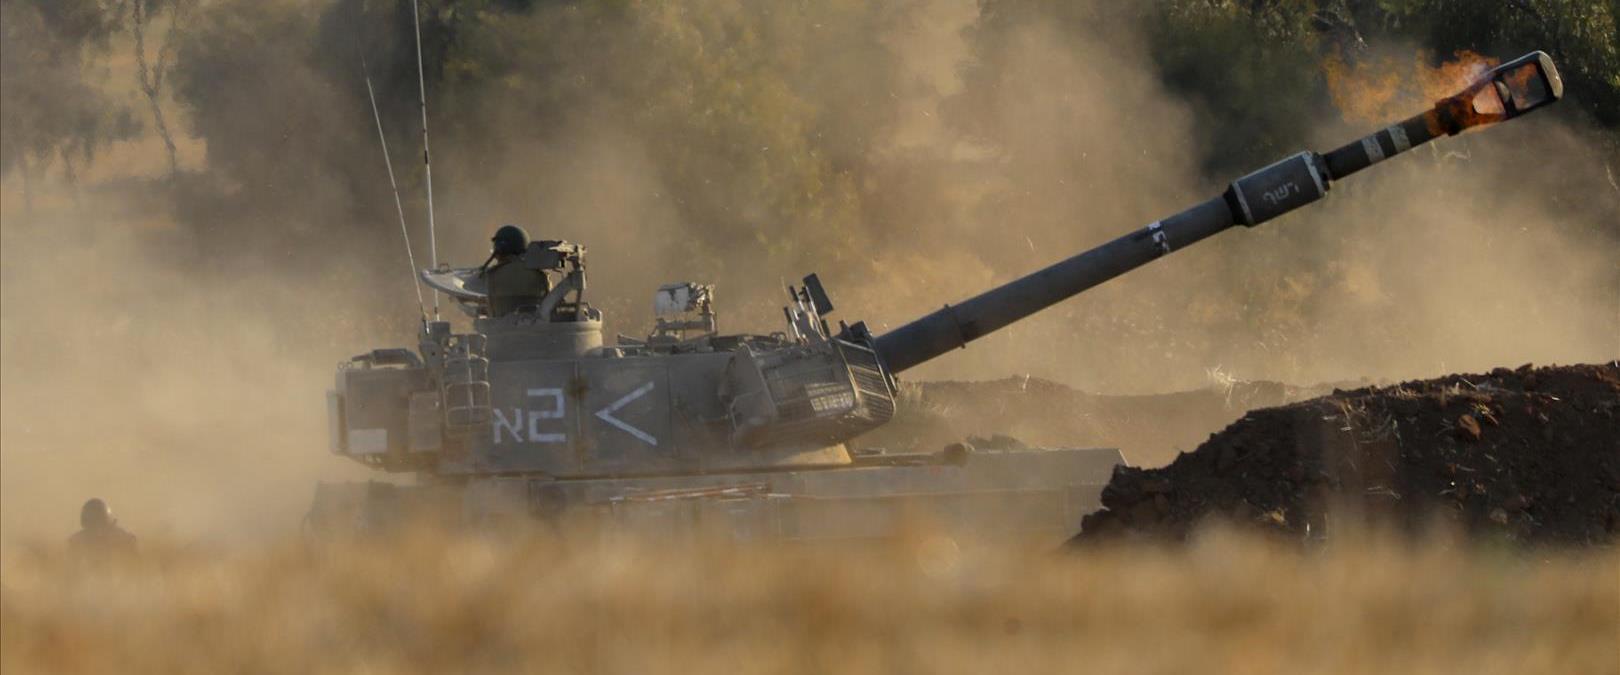 مدفع يطلق النار باتجاه قطاع غزة